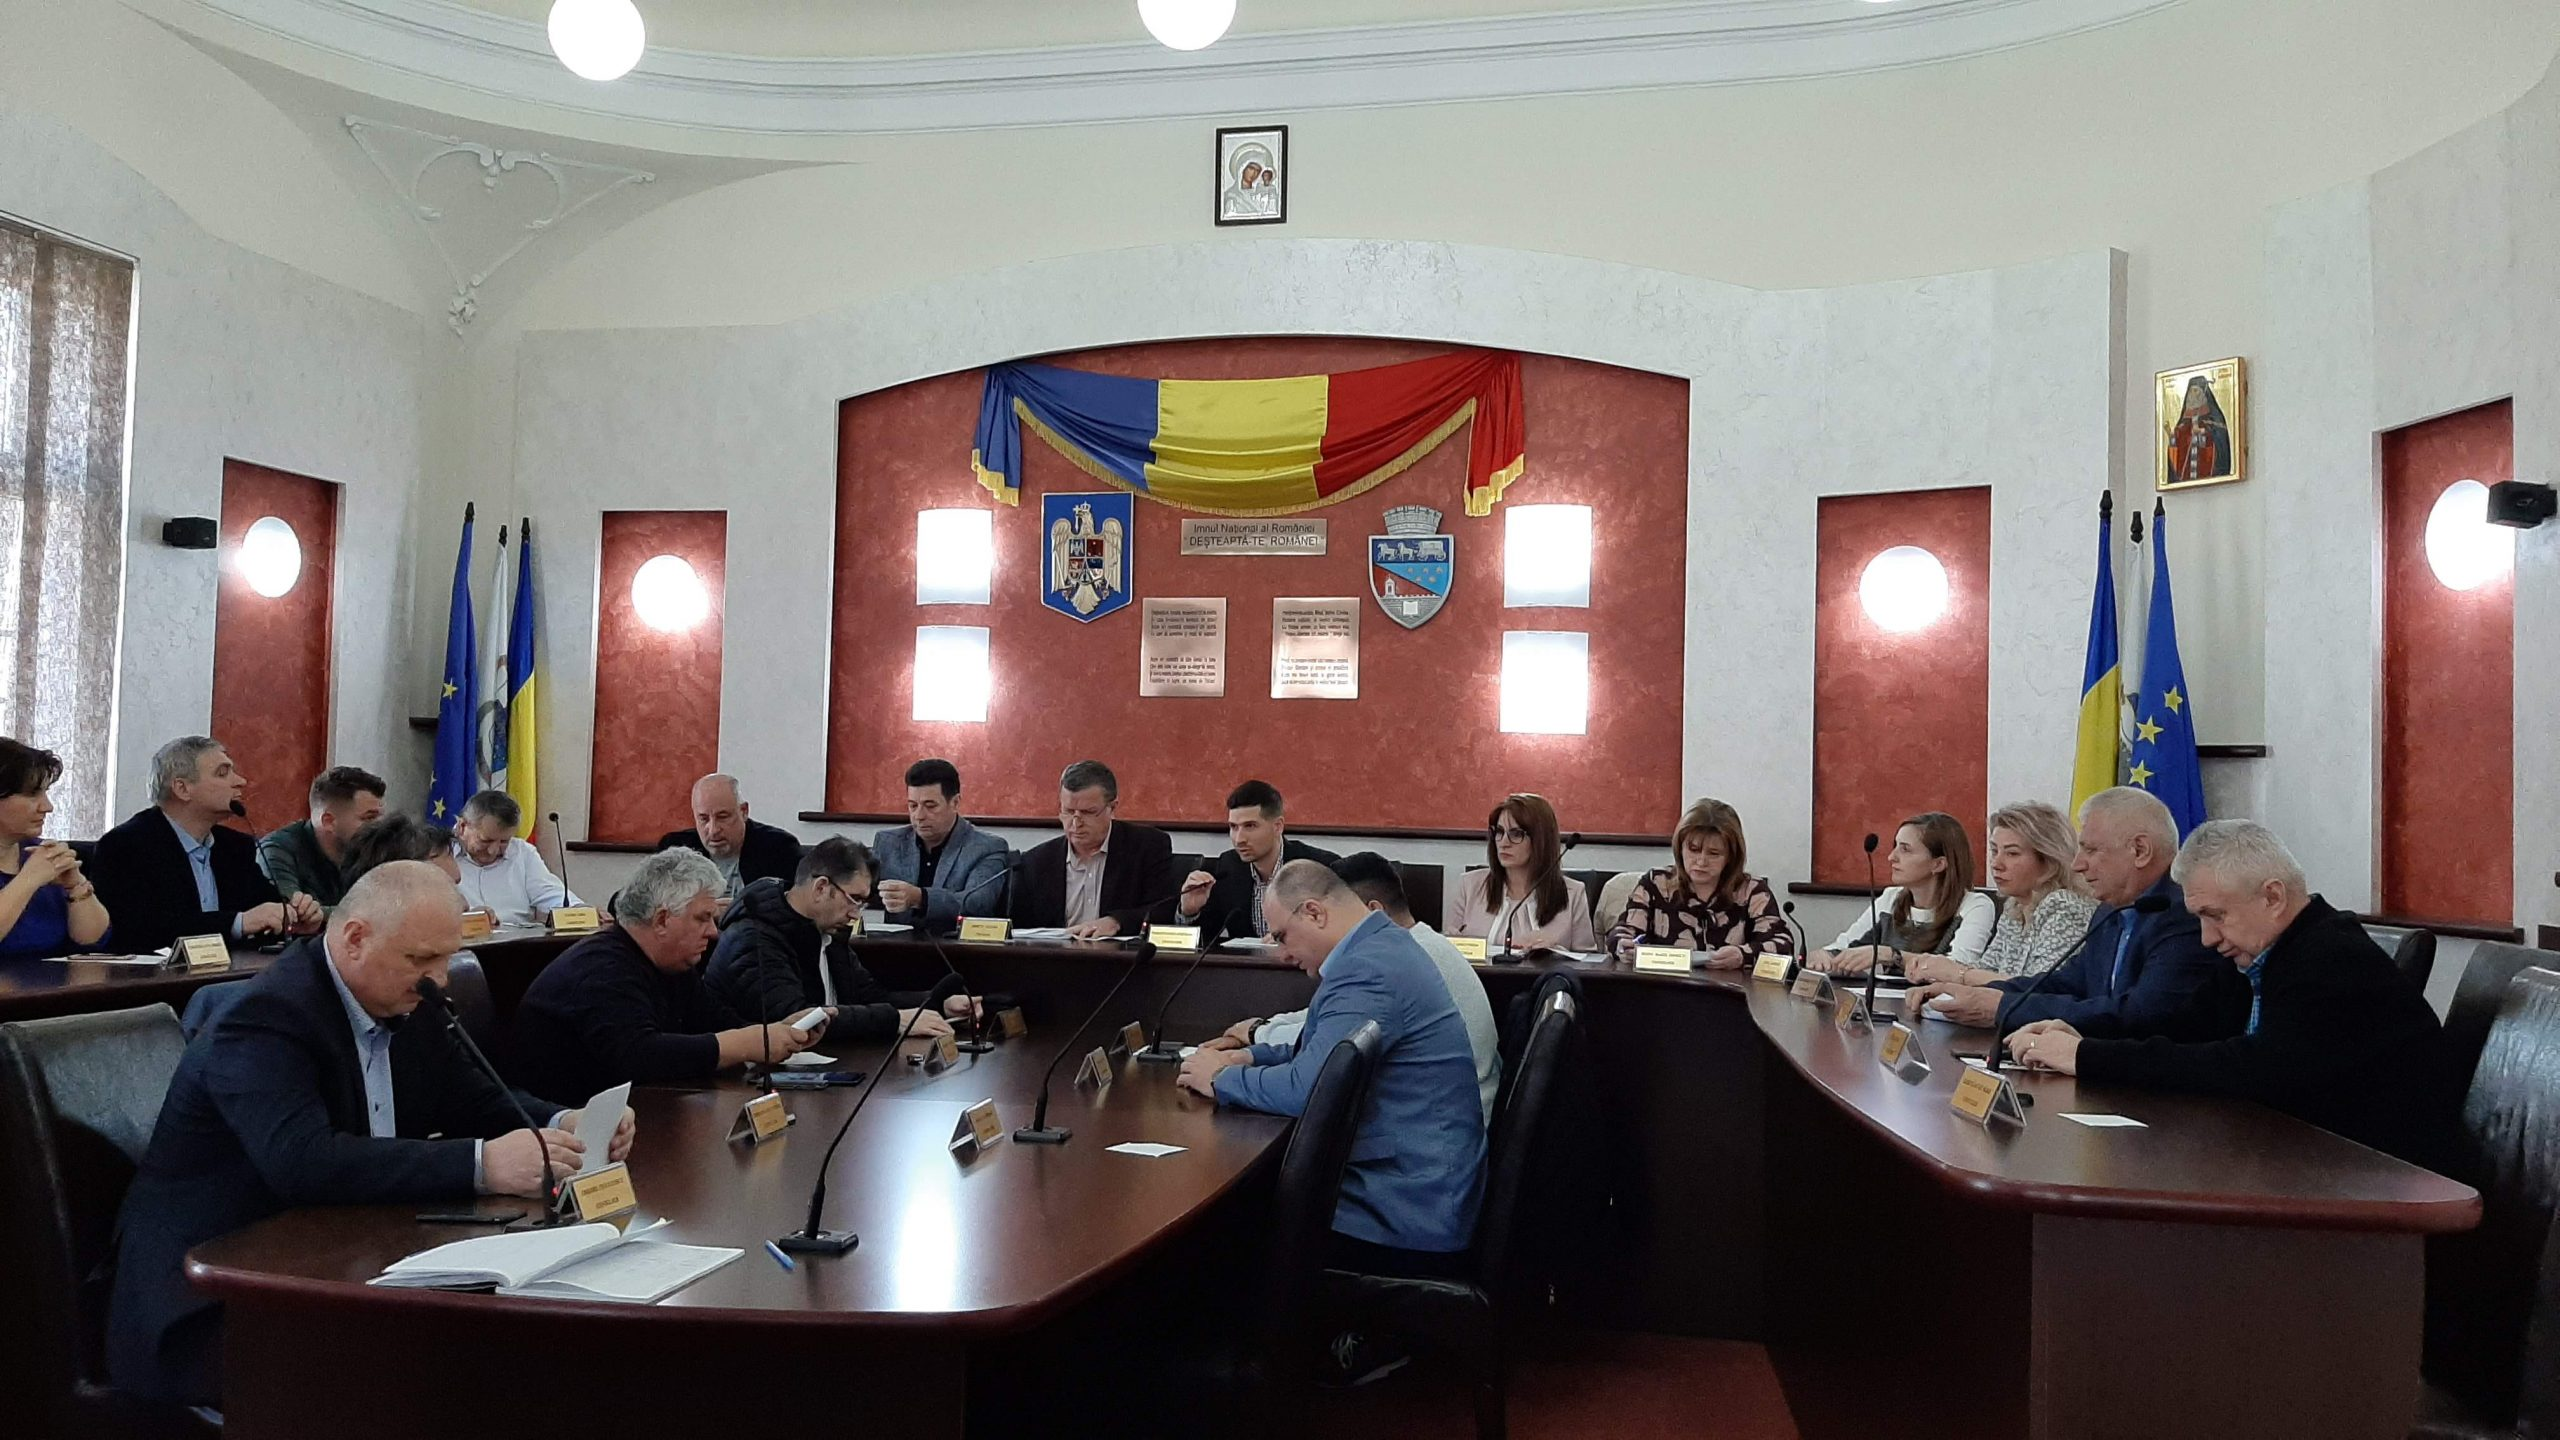 Consiliul Local a aprobat proiectul dezvoltării locale pentru comunitățile marginalizate